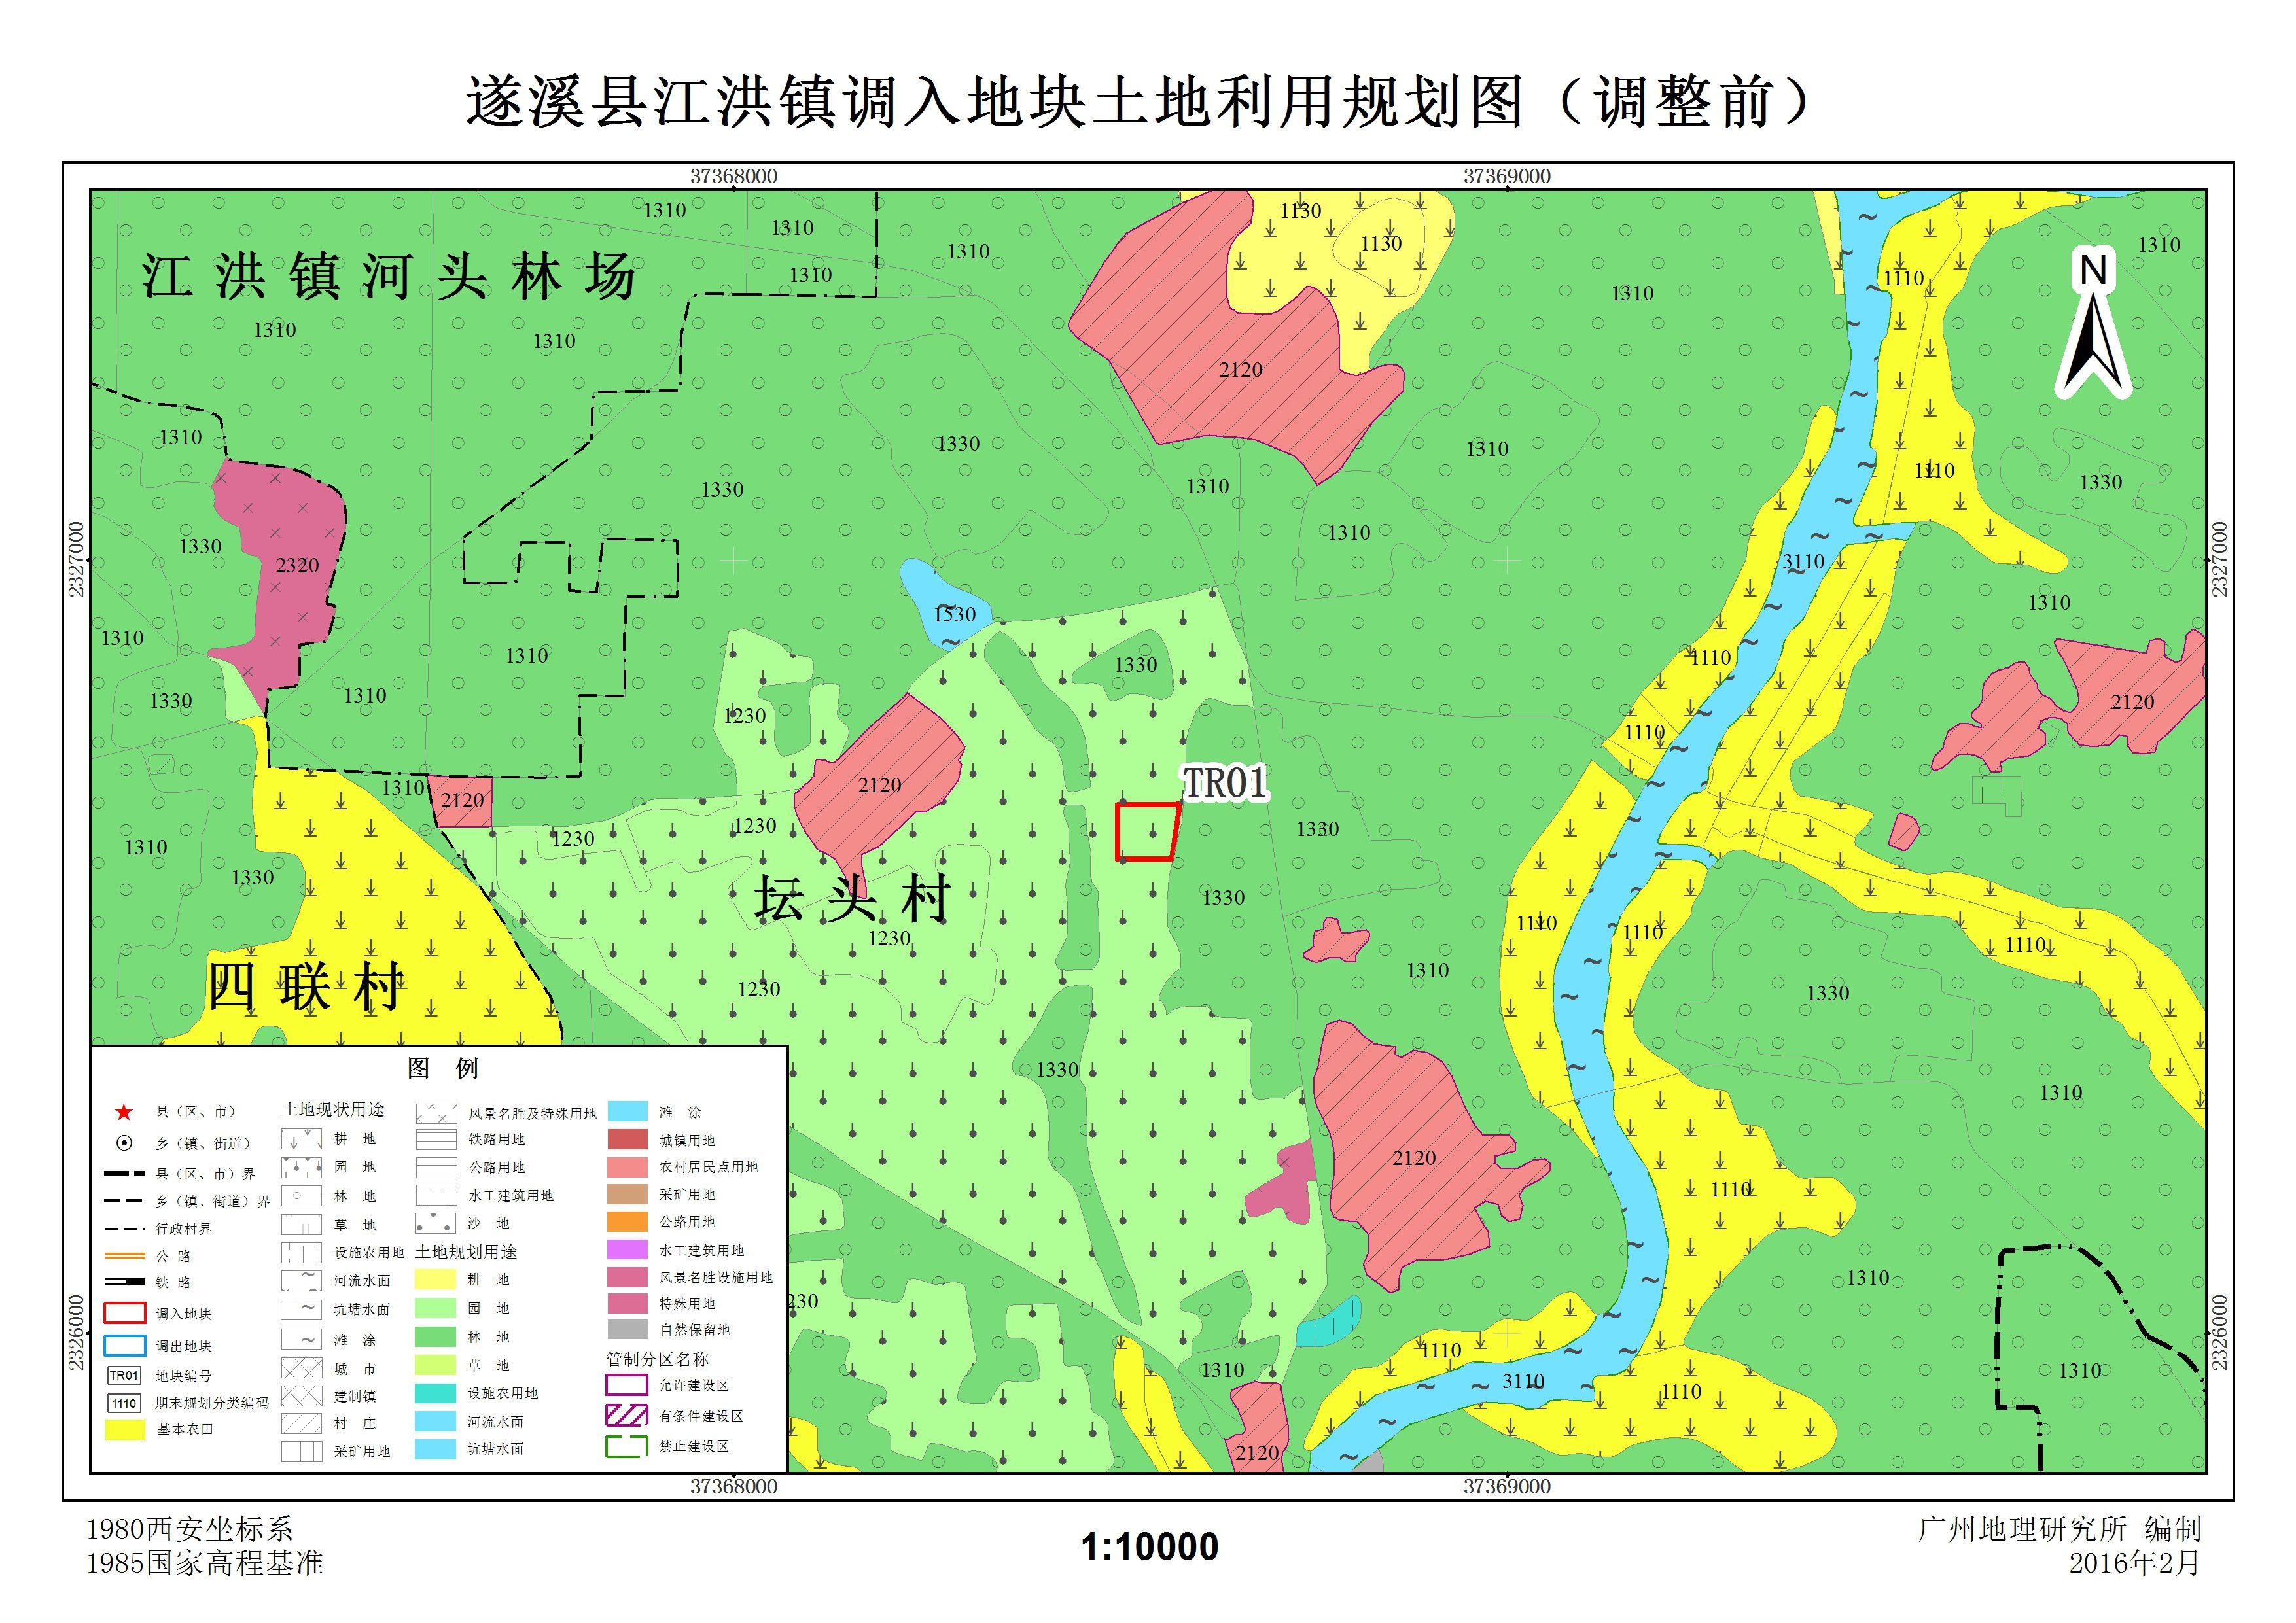 土地规划管理条令